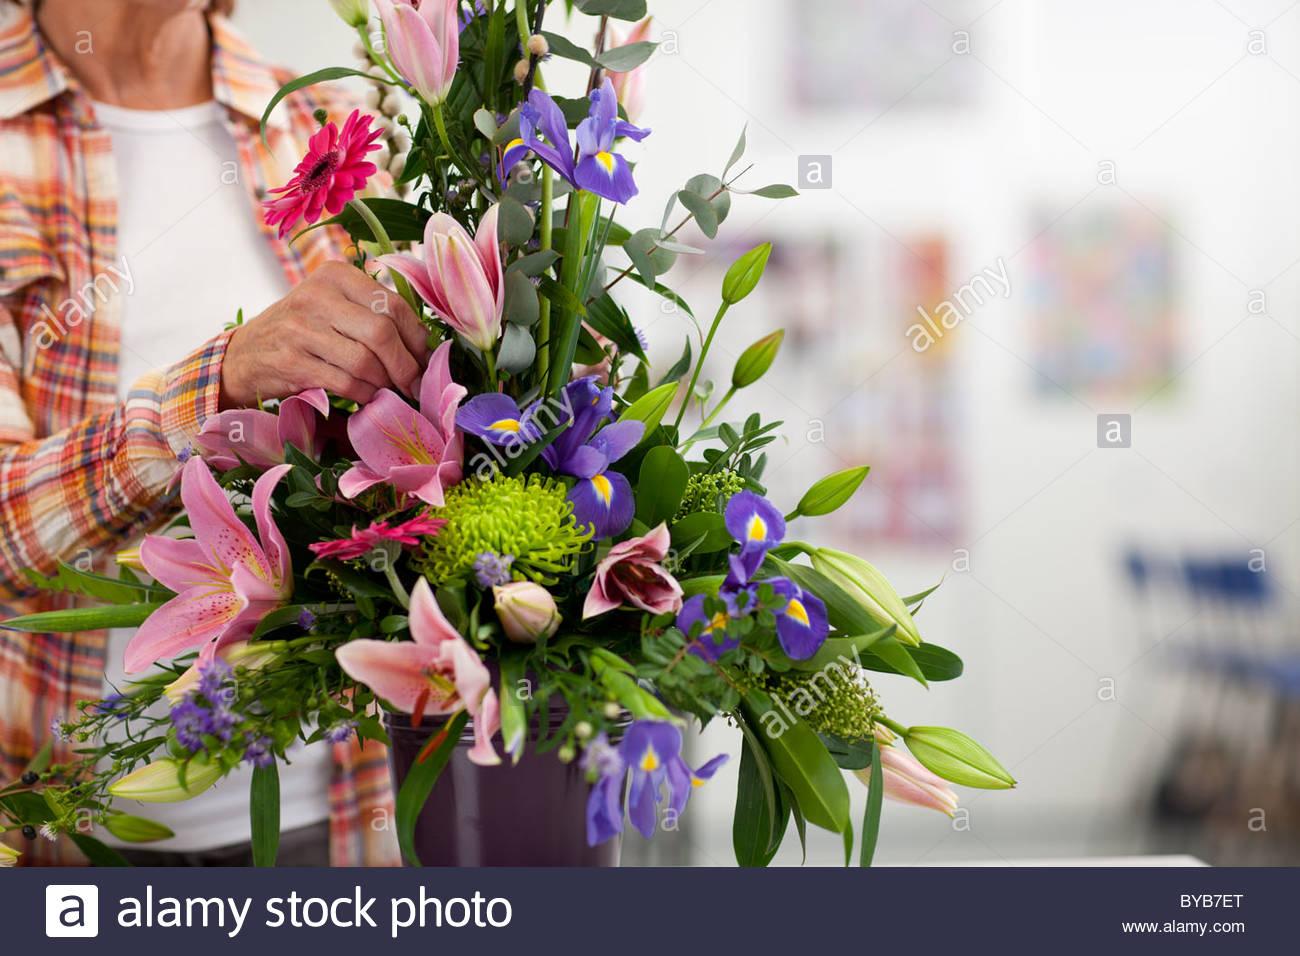 Mujer poniendo flores en arreglos florales Imagen De Stock